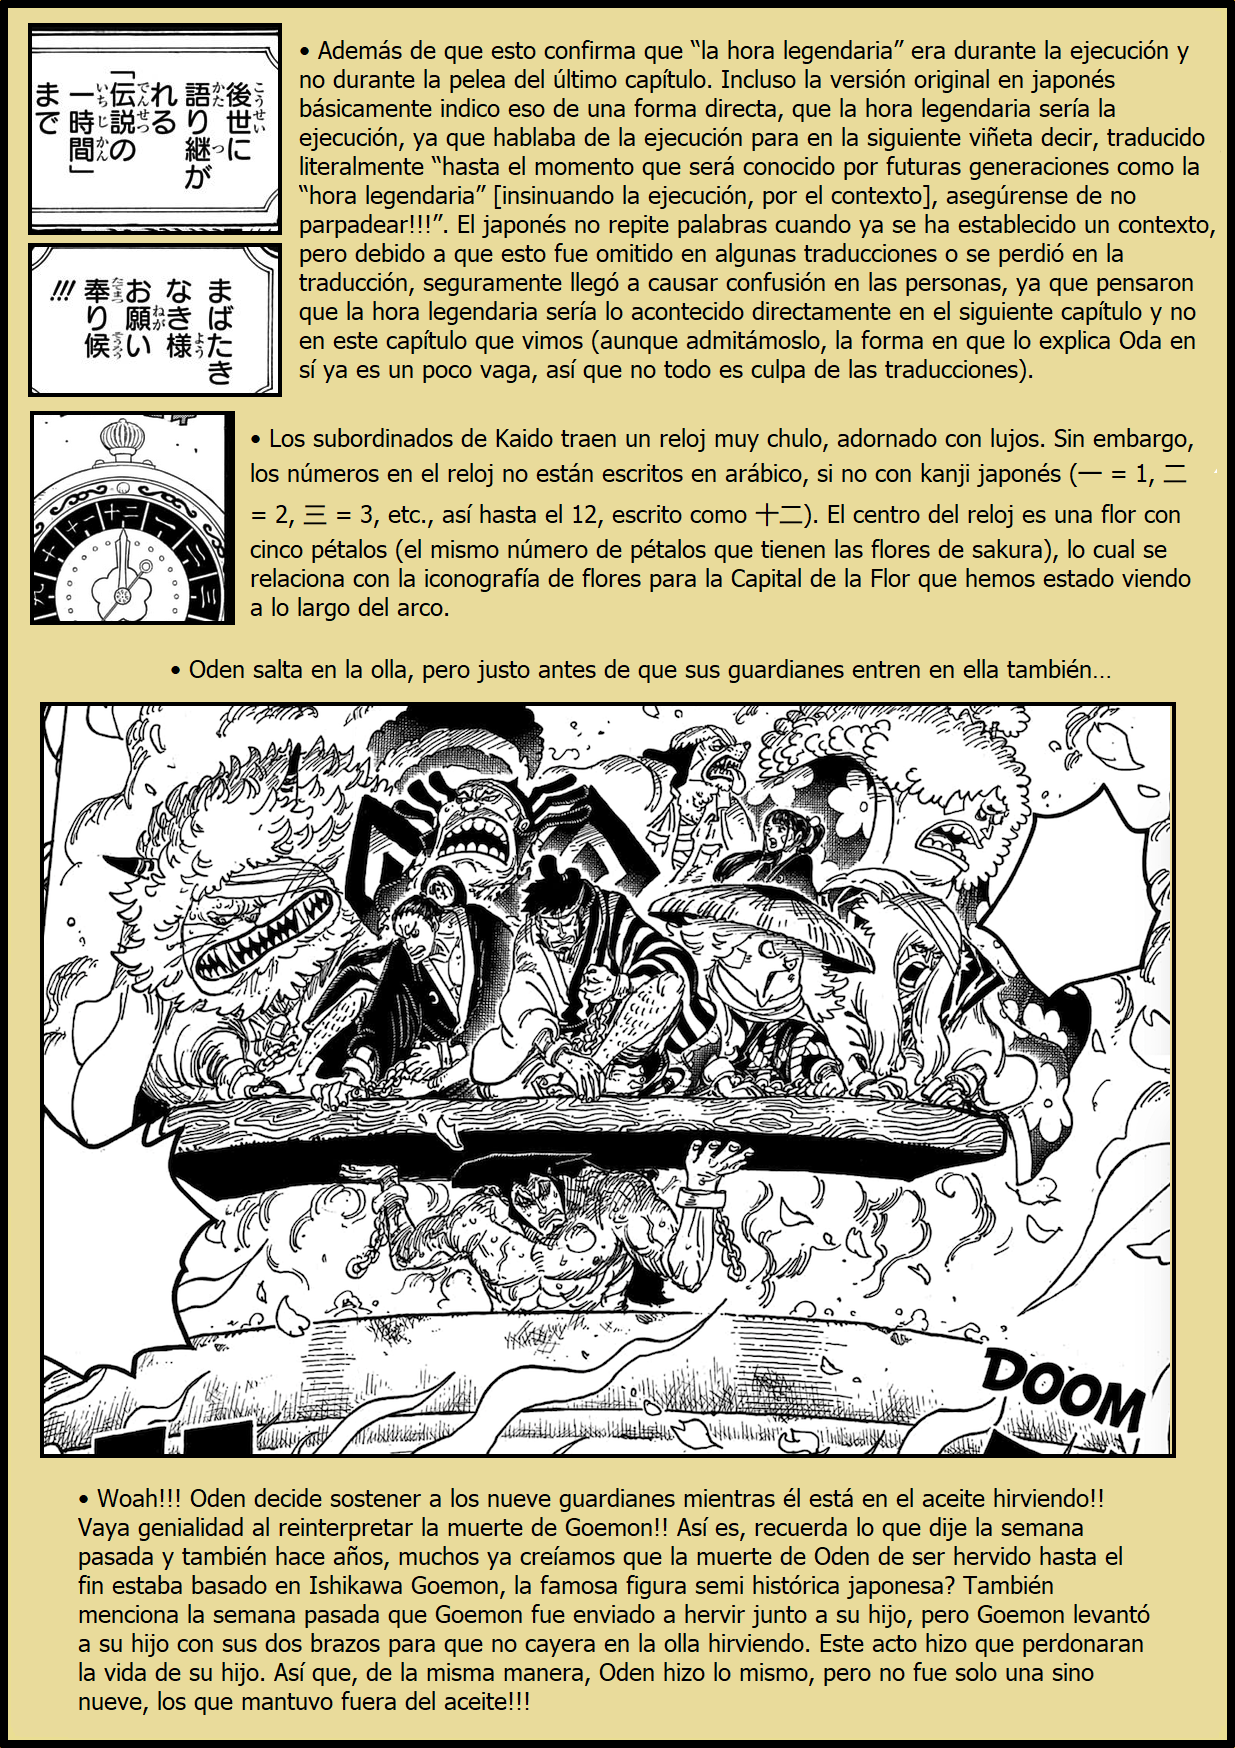 Secretos & Curiosidades - One Piece Manga 971 04